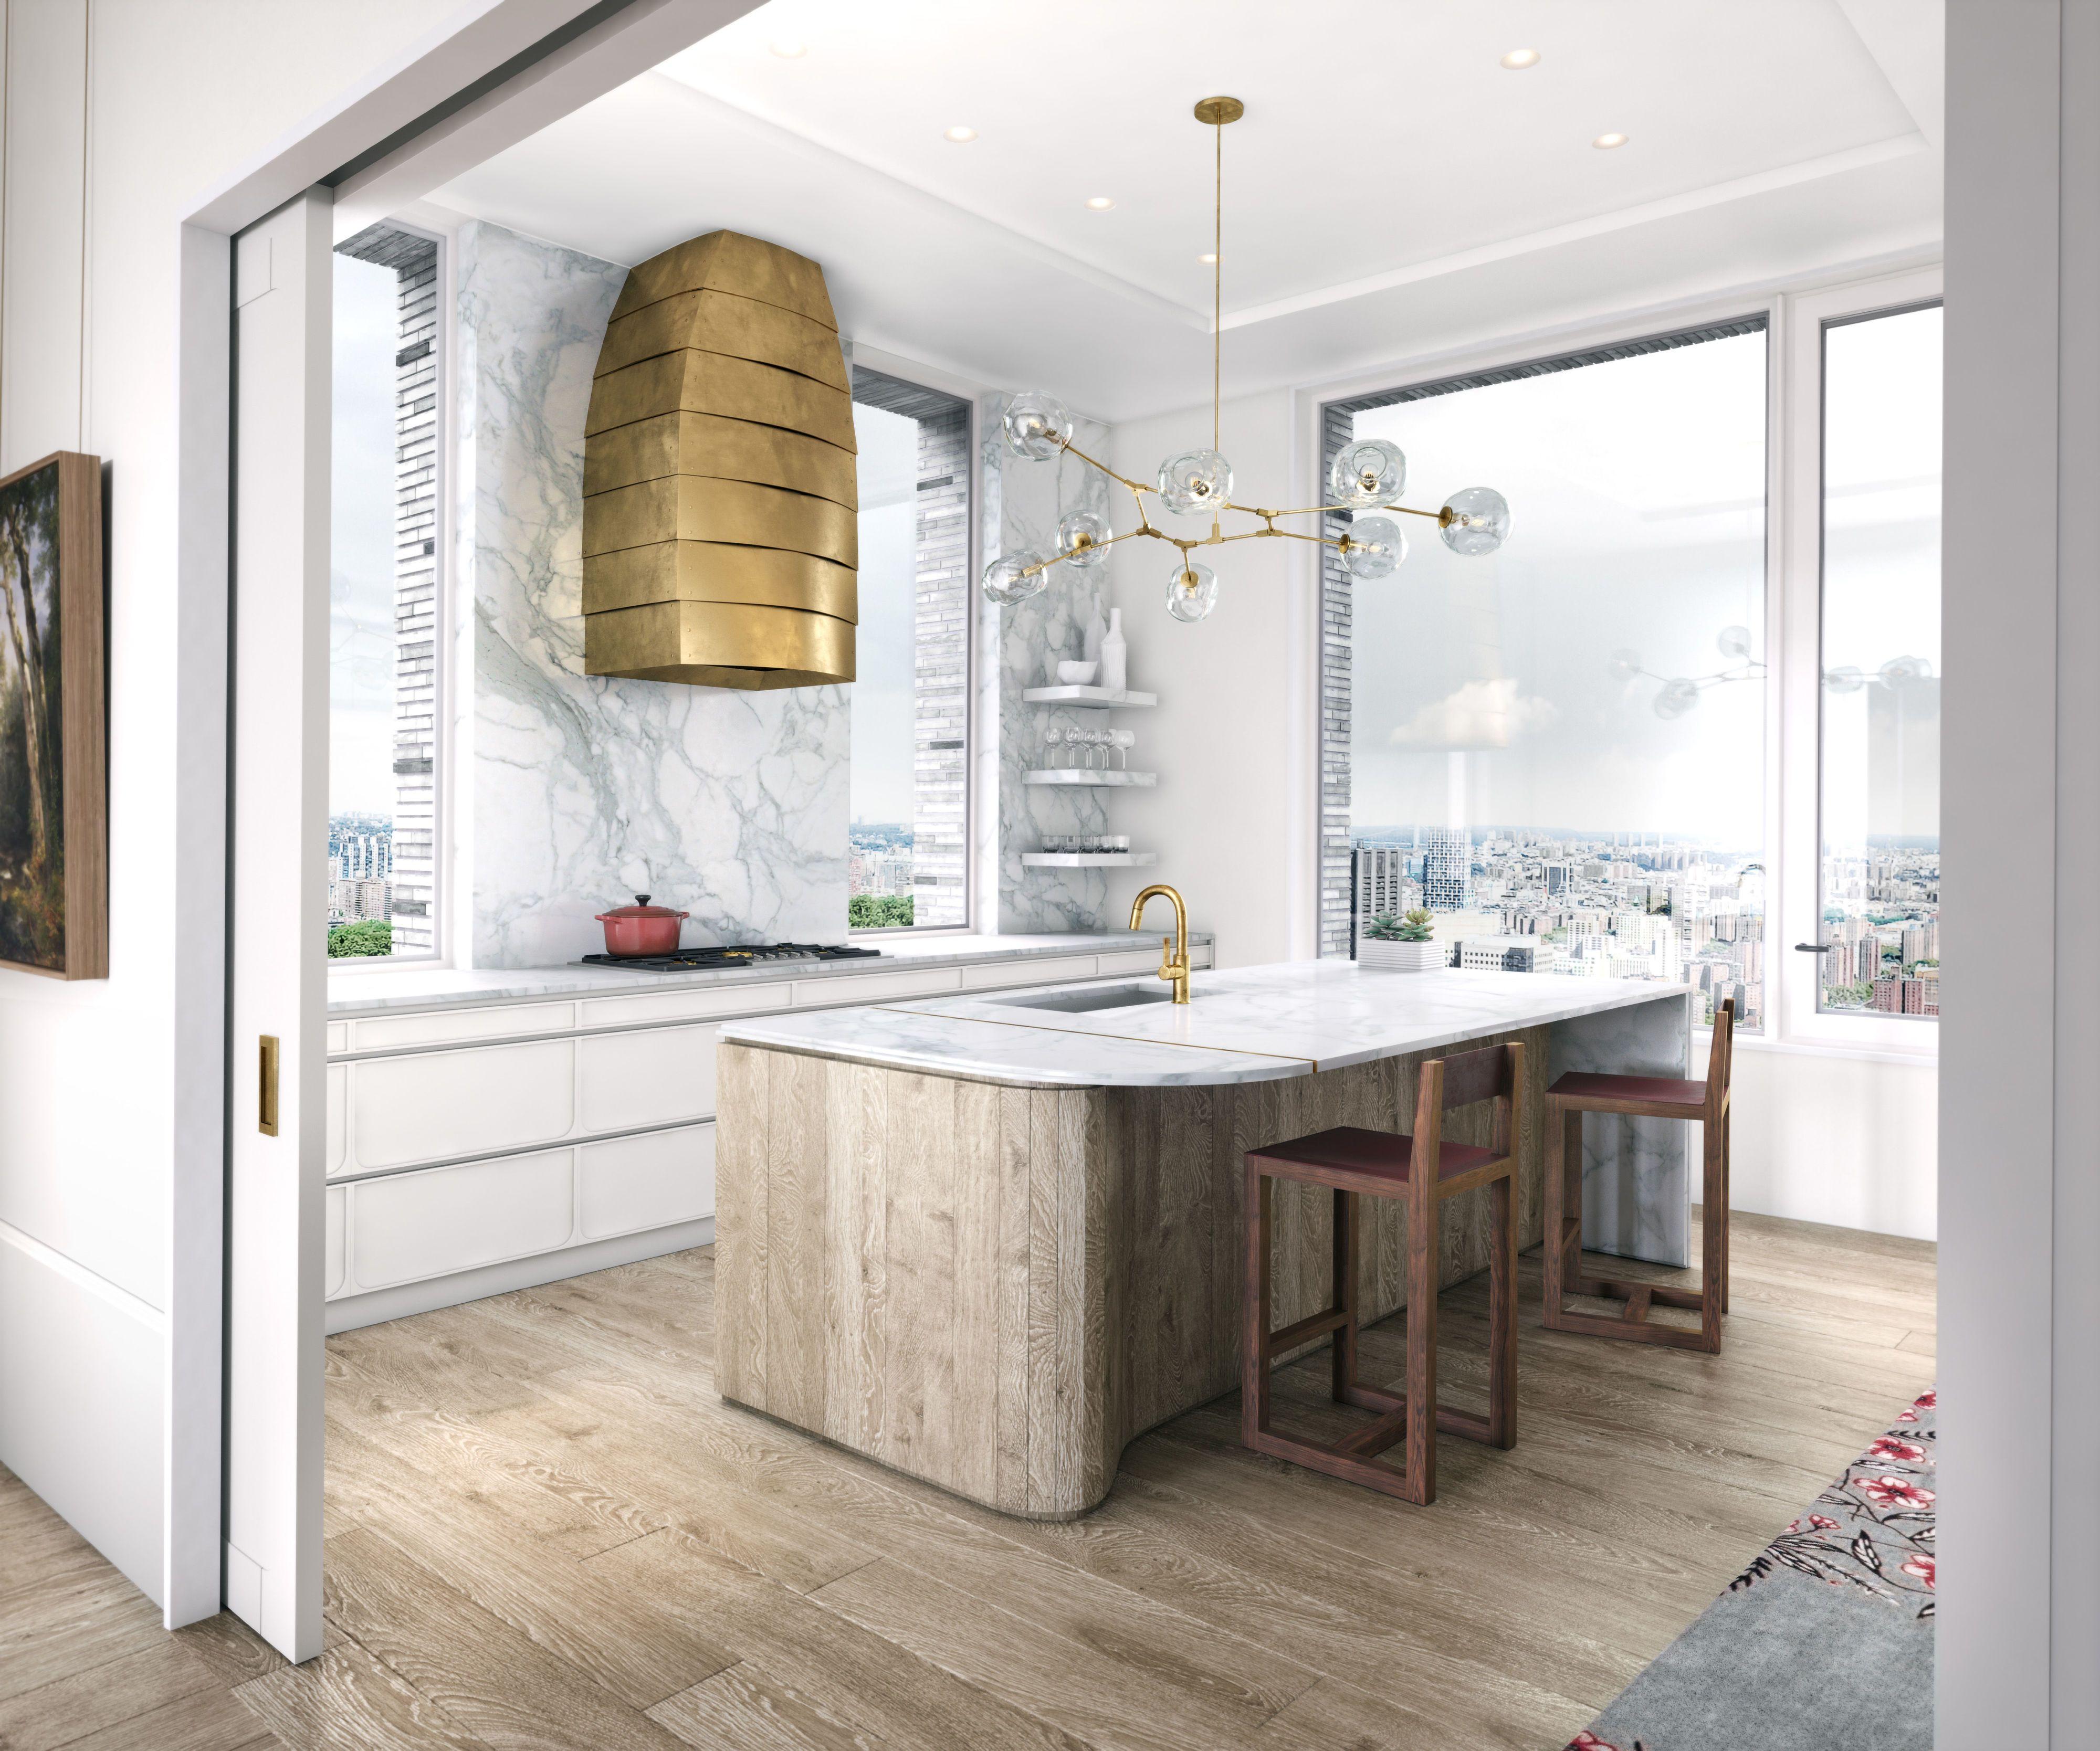 9 Brass Kitchen Hood. DDG Real Estate